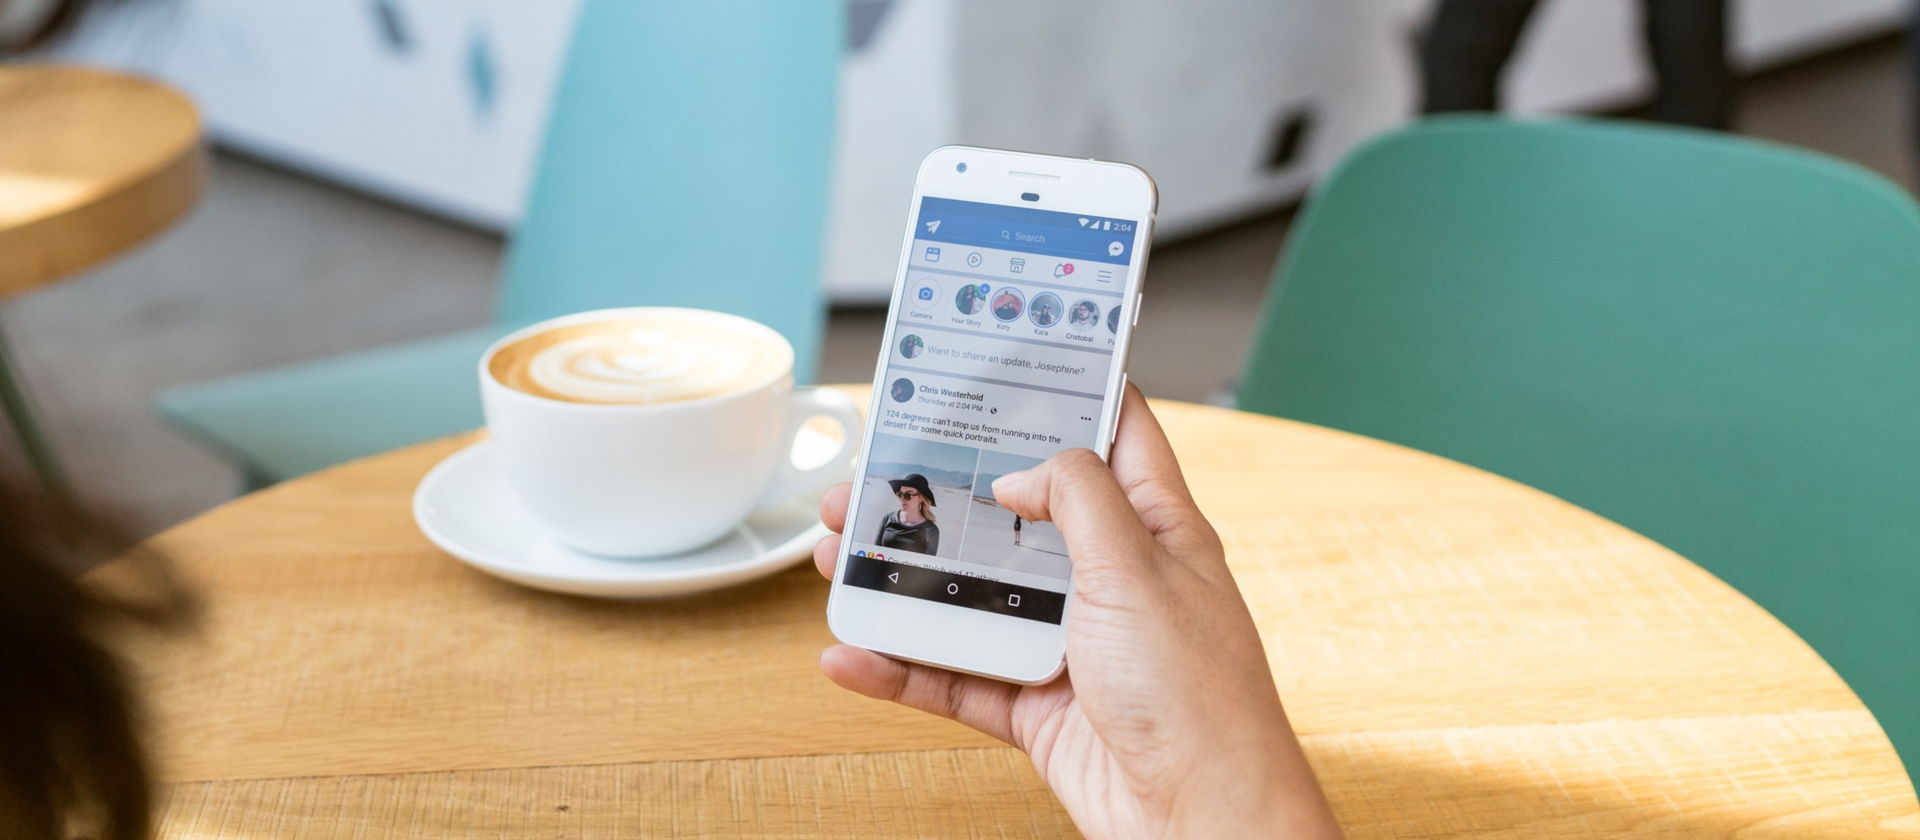 Hướng dẫn cách bán hàng online trên Facebook từ A tới Z cho người mới